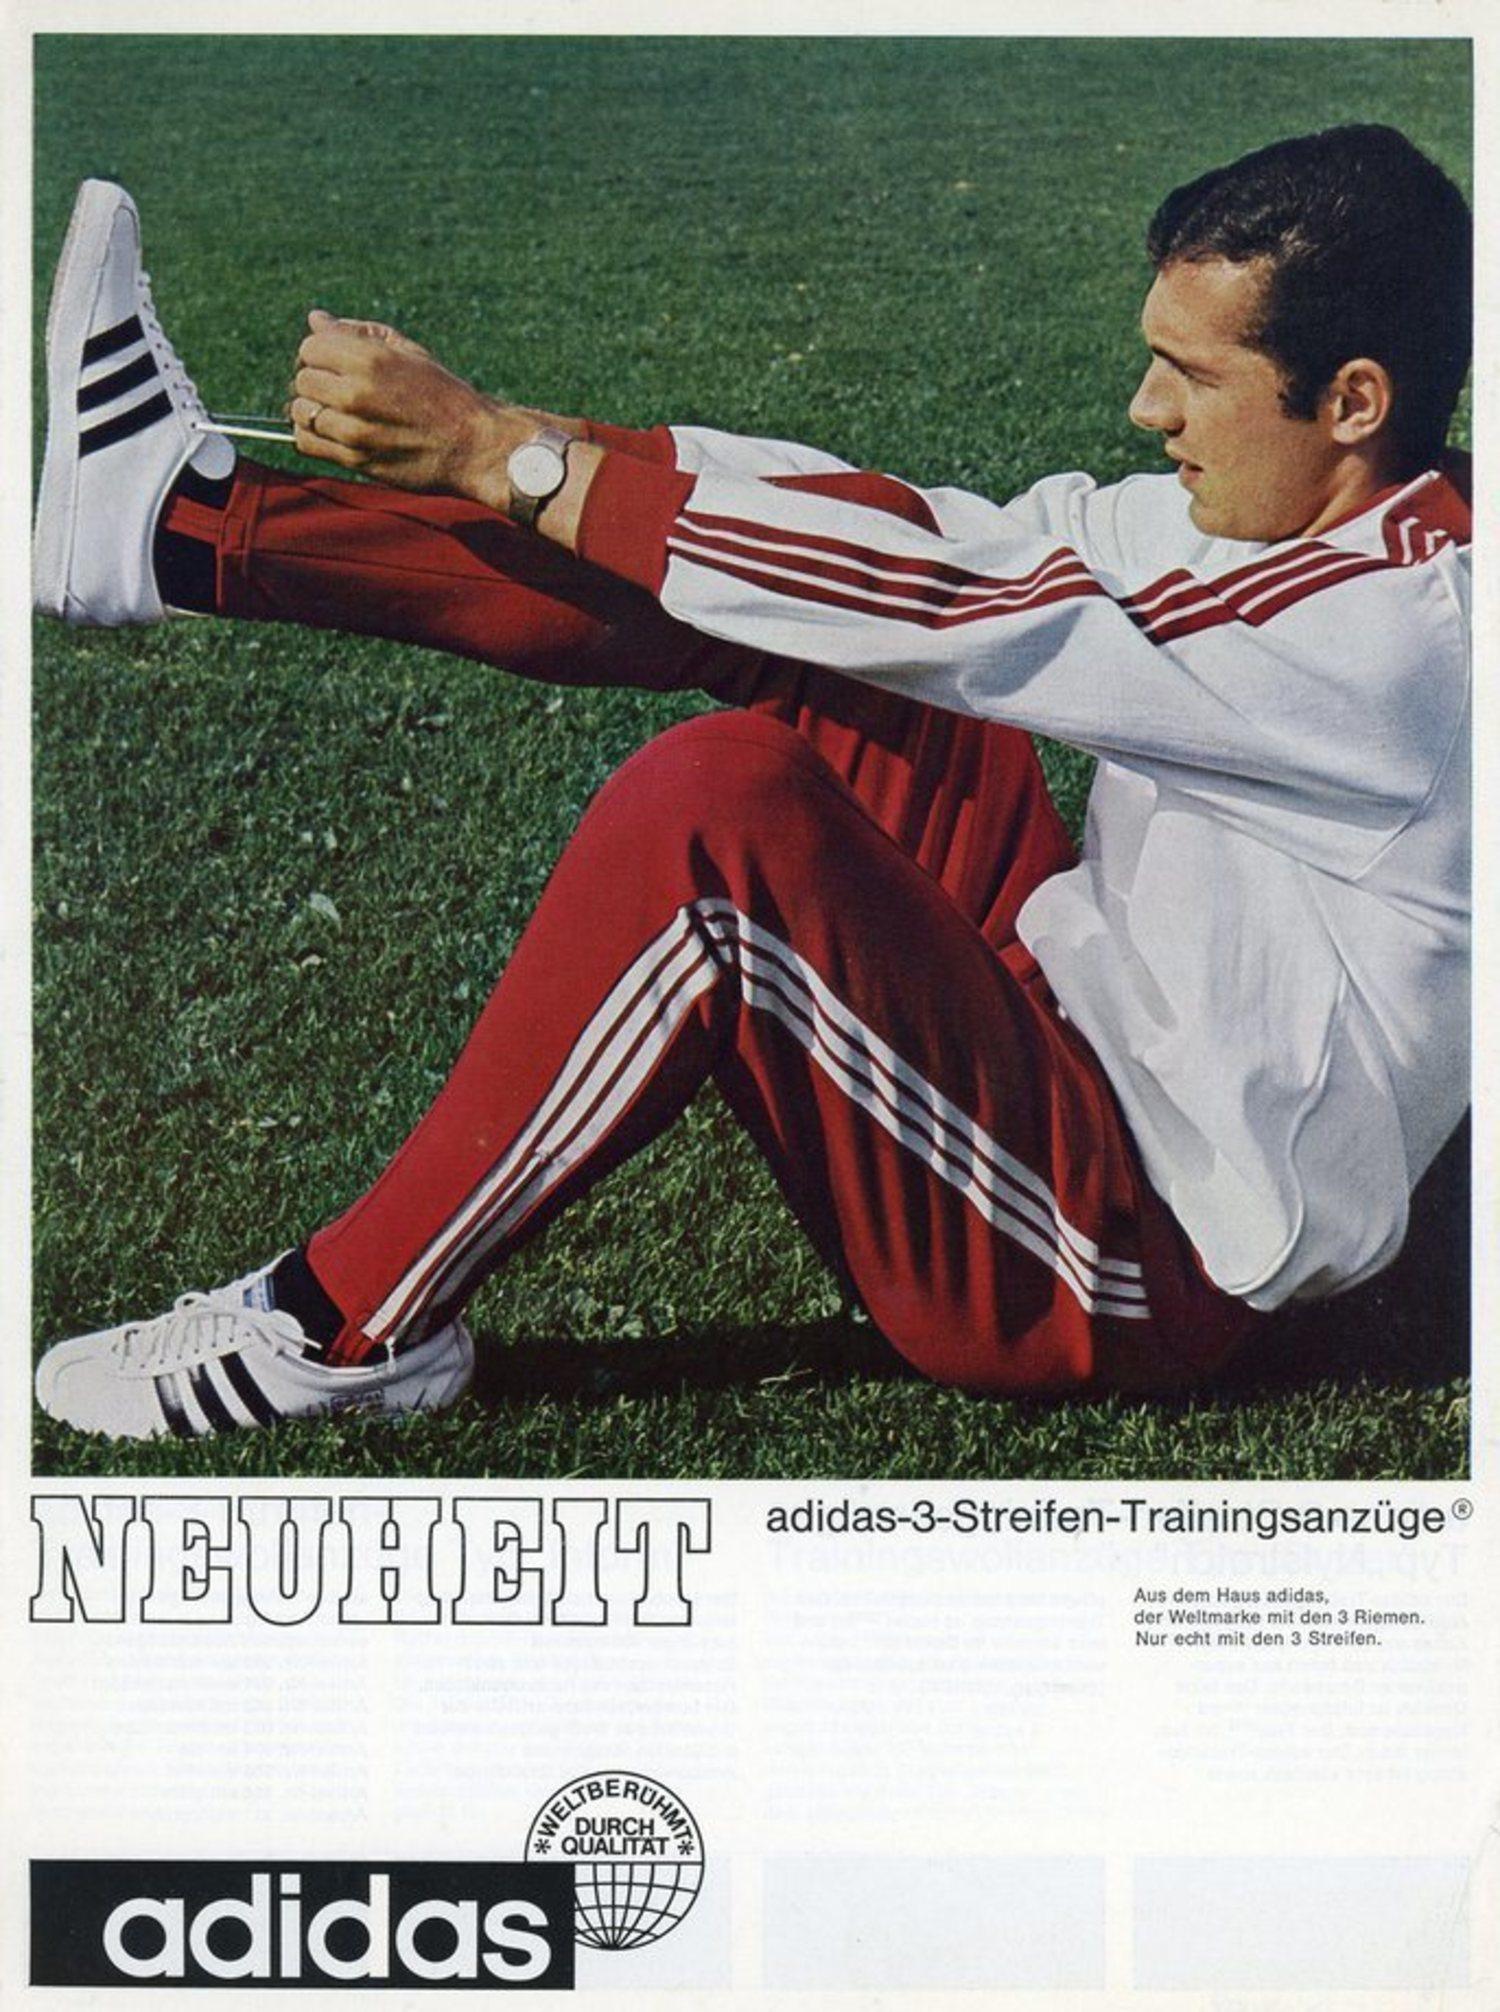 Adidas utilizó la figura del 'Kaiser' para promocionar uno de sus productos históricos: el 'chándal Beckenbauer'.